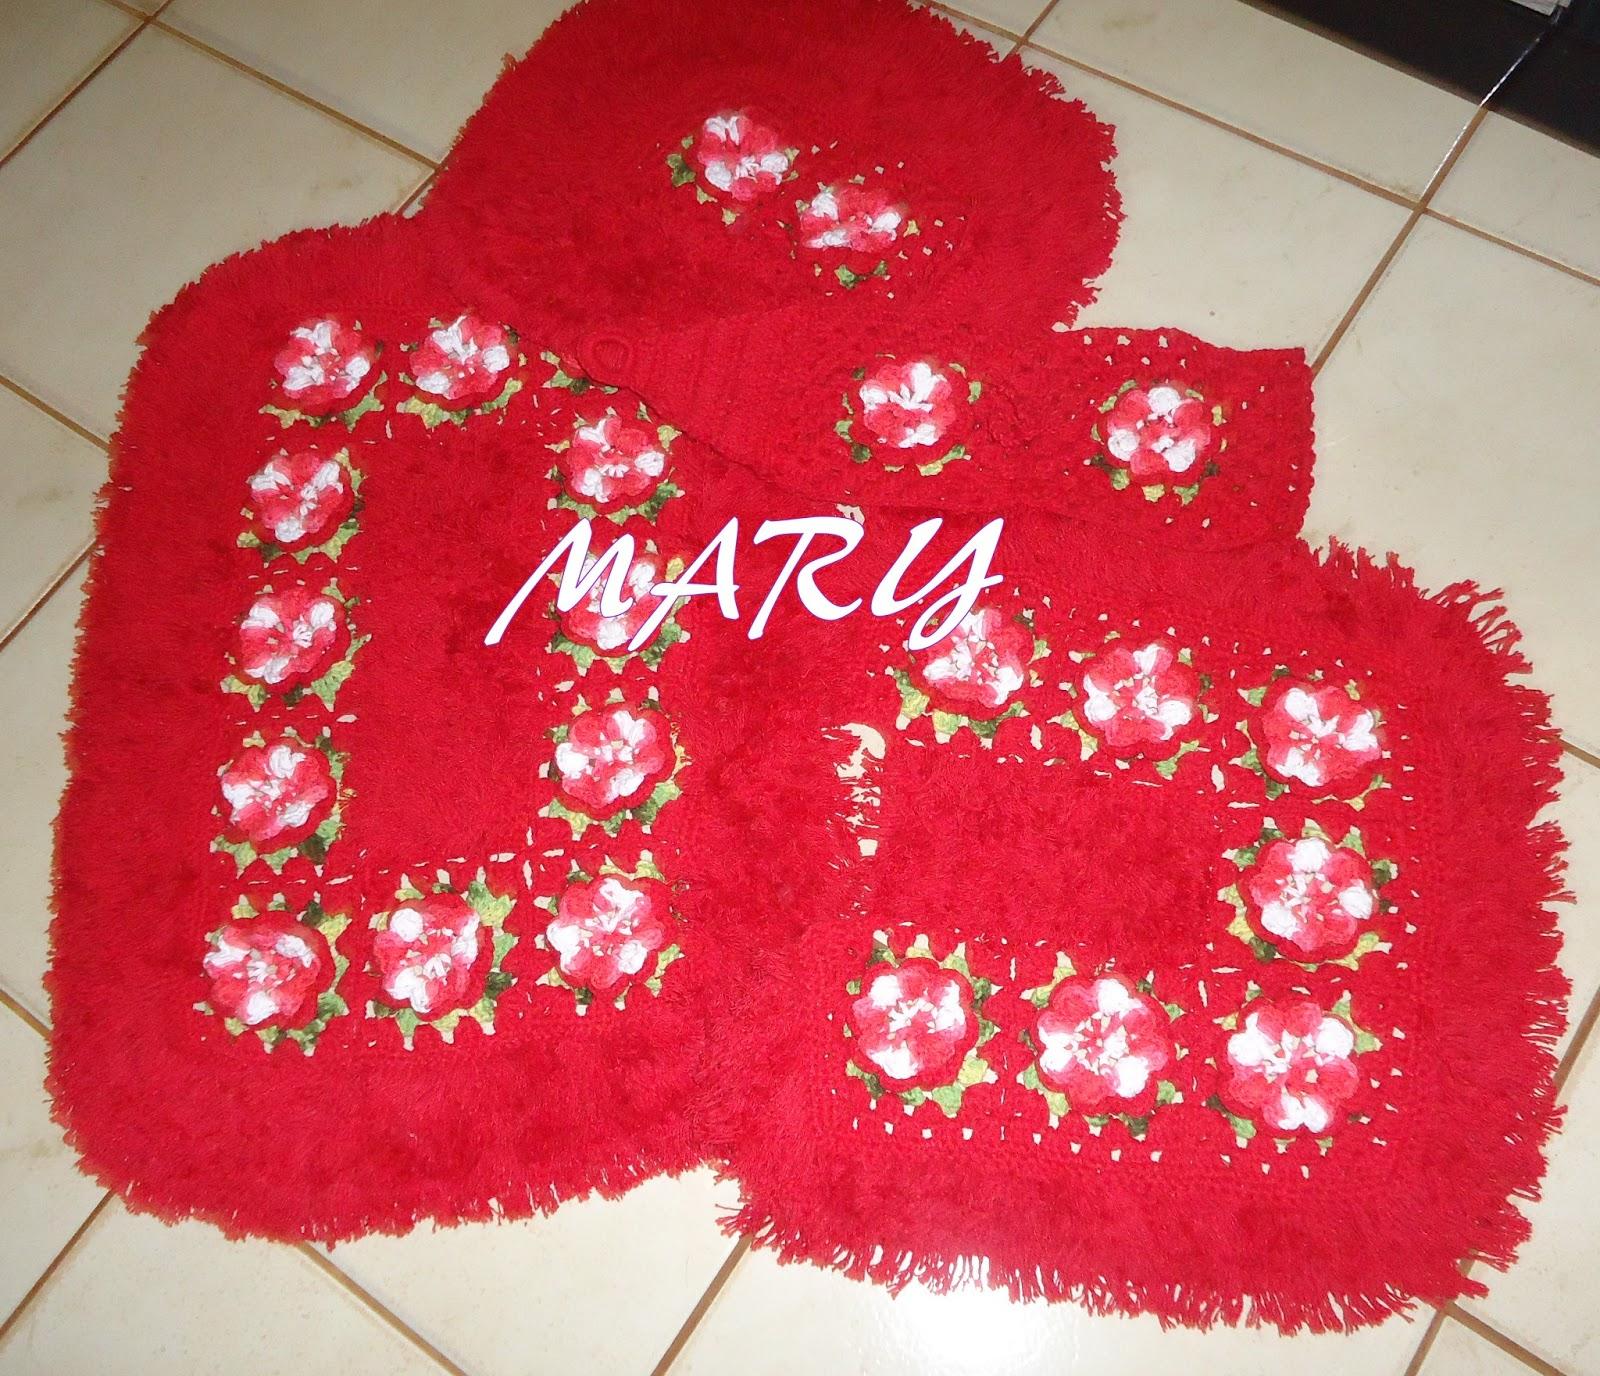 #B5162A cantinho do artesanato: Jogo de Banheiro em Barbante Croche Argola com  1600x1376 px tapete de banheiro em frances